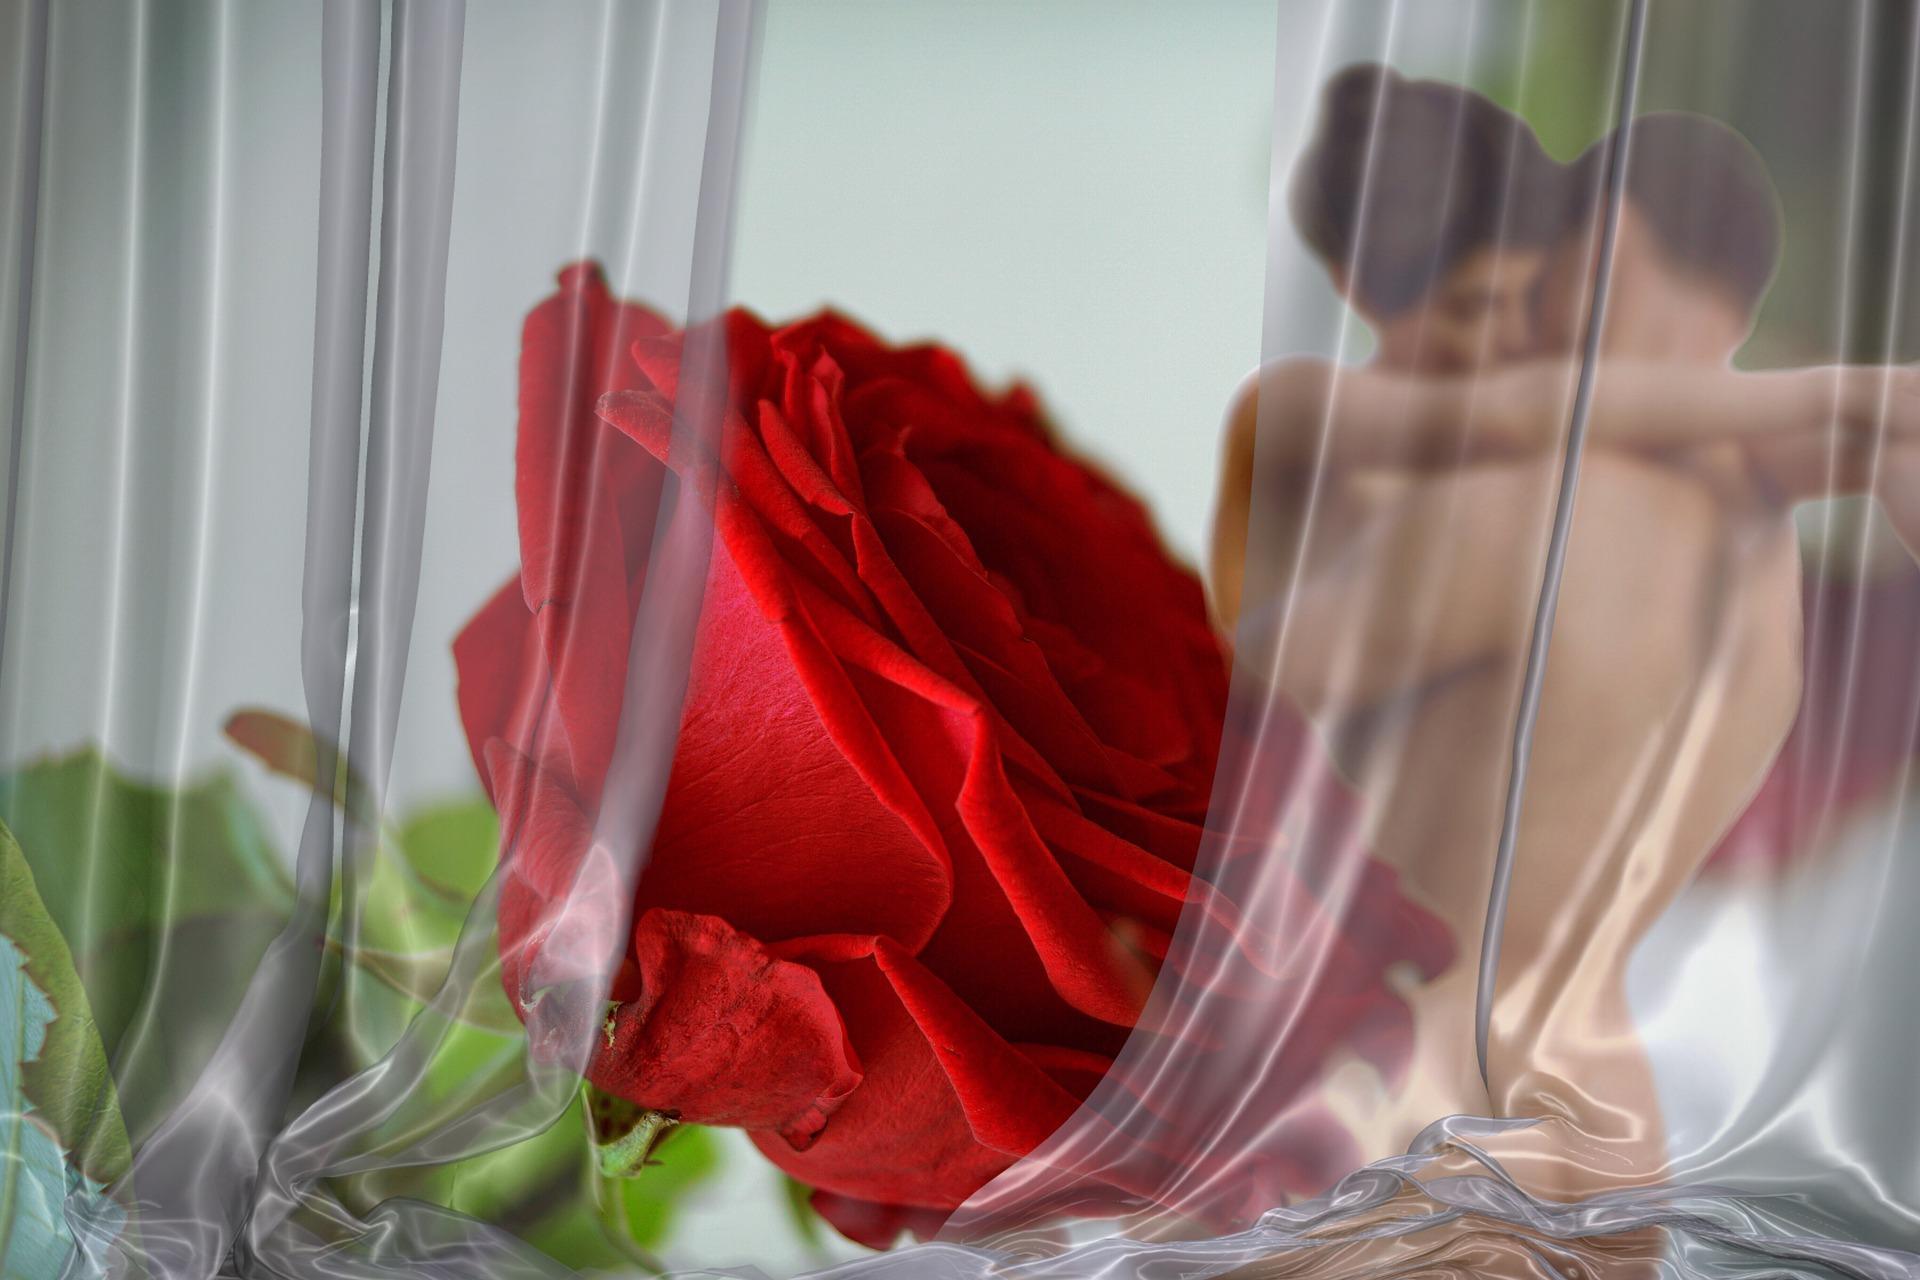 Menajera Se Ocupa Inainte De Toate De Descarcarea Sculei Aflate In Erectie | VK